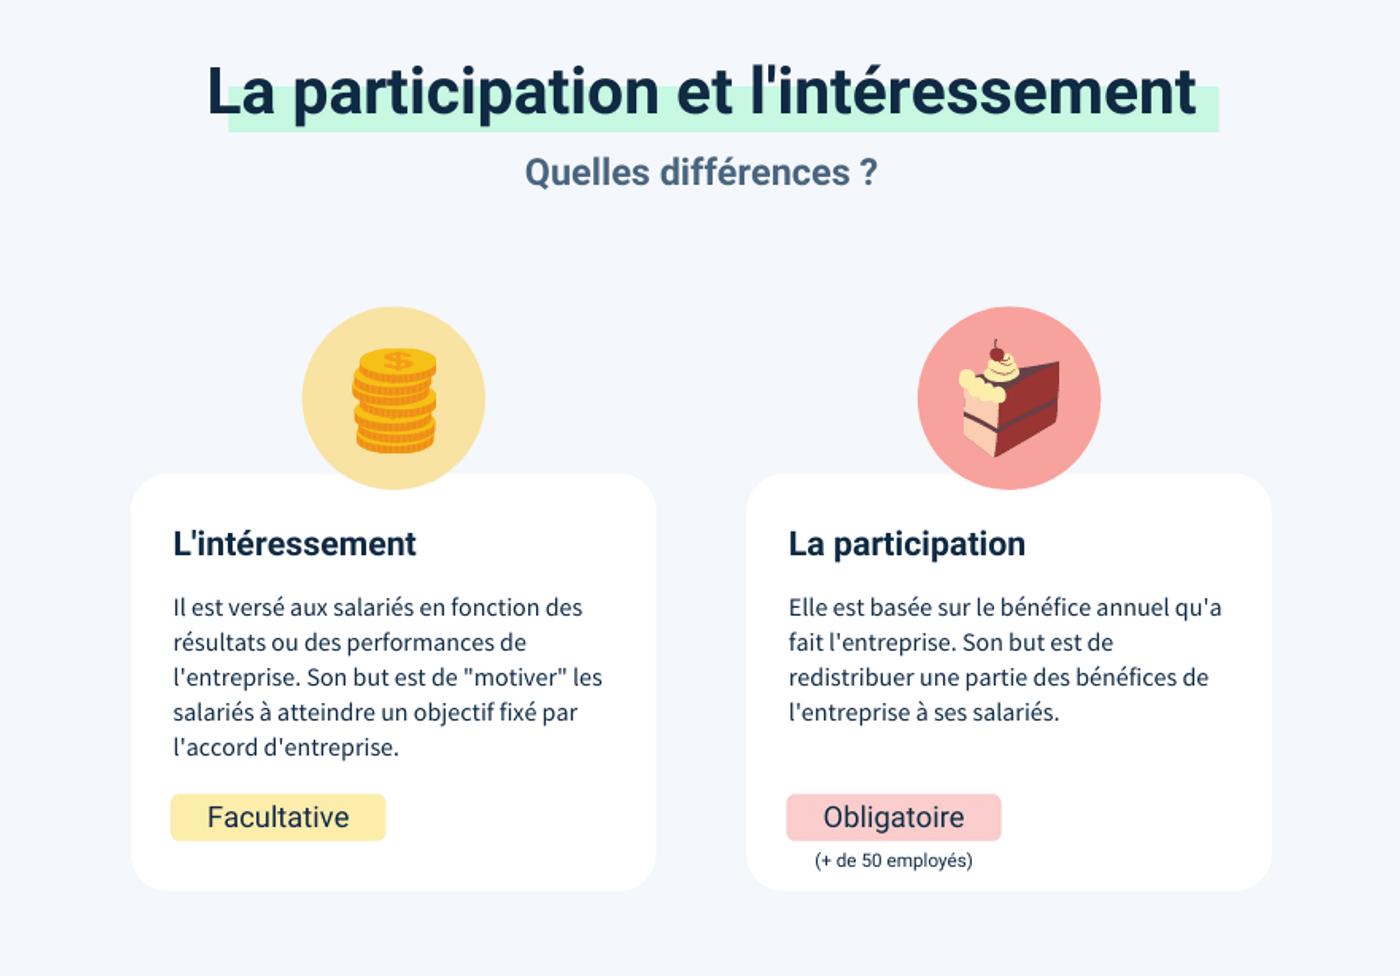 Guide épargne salariale schéma intéressement participation